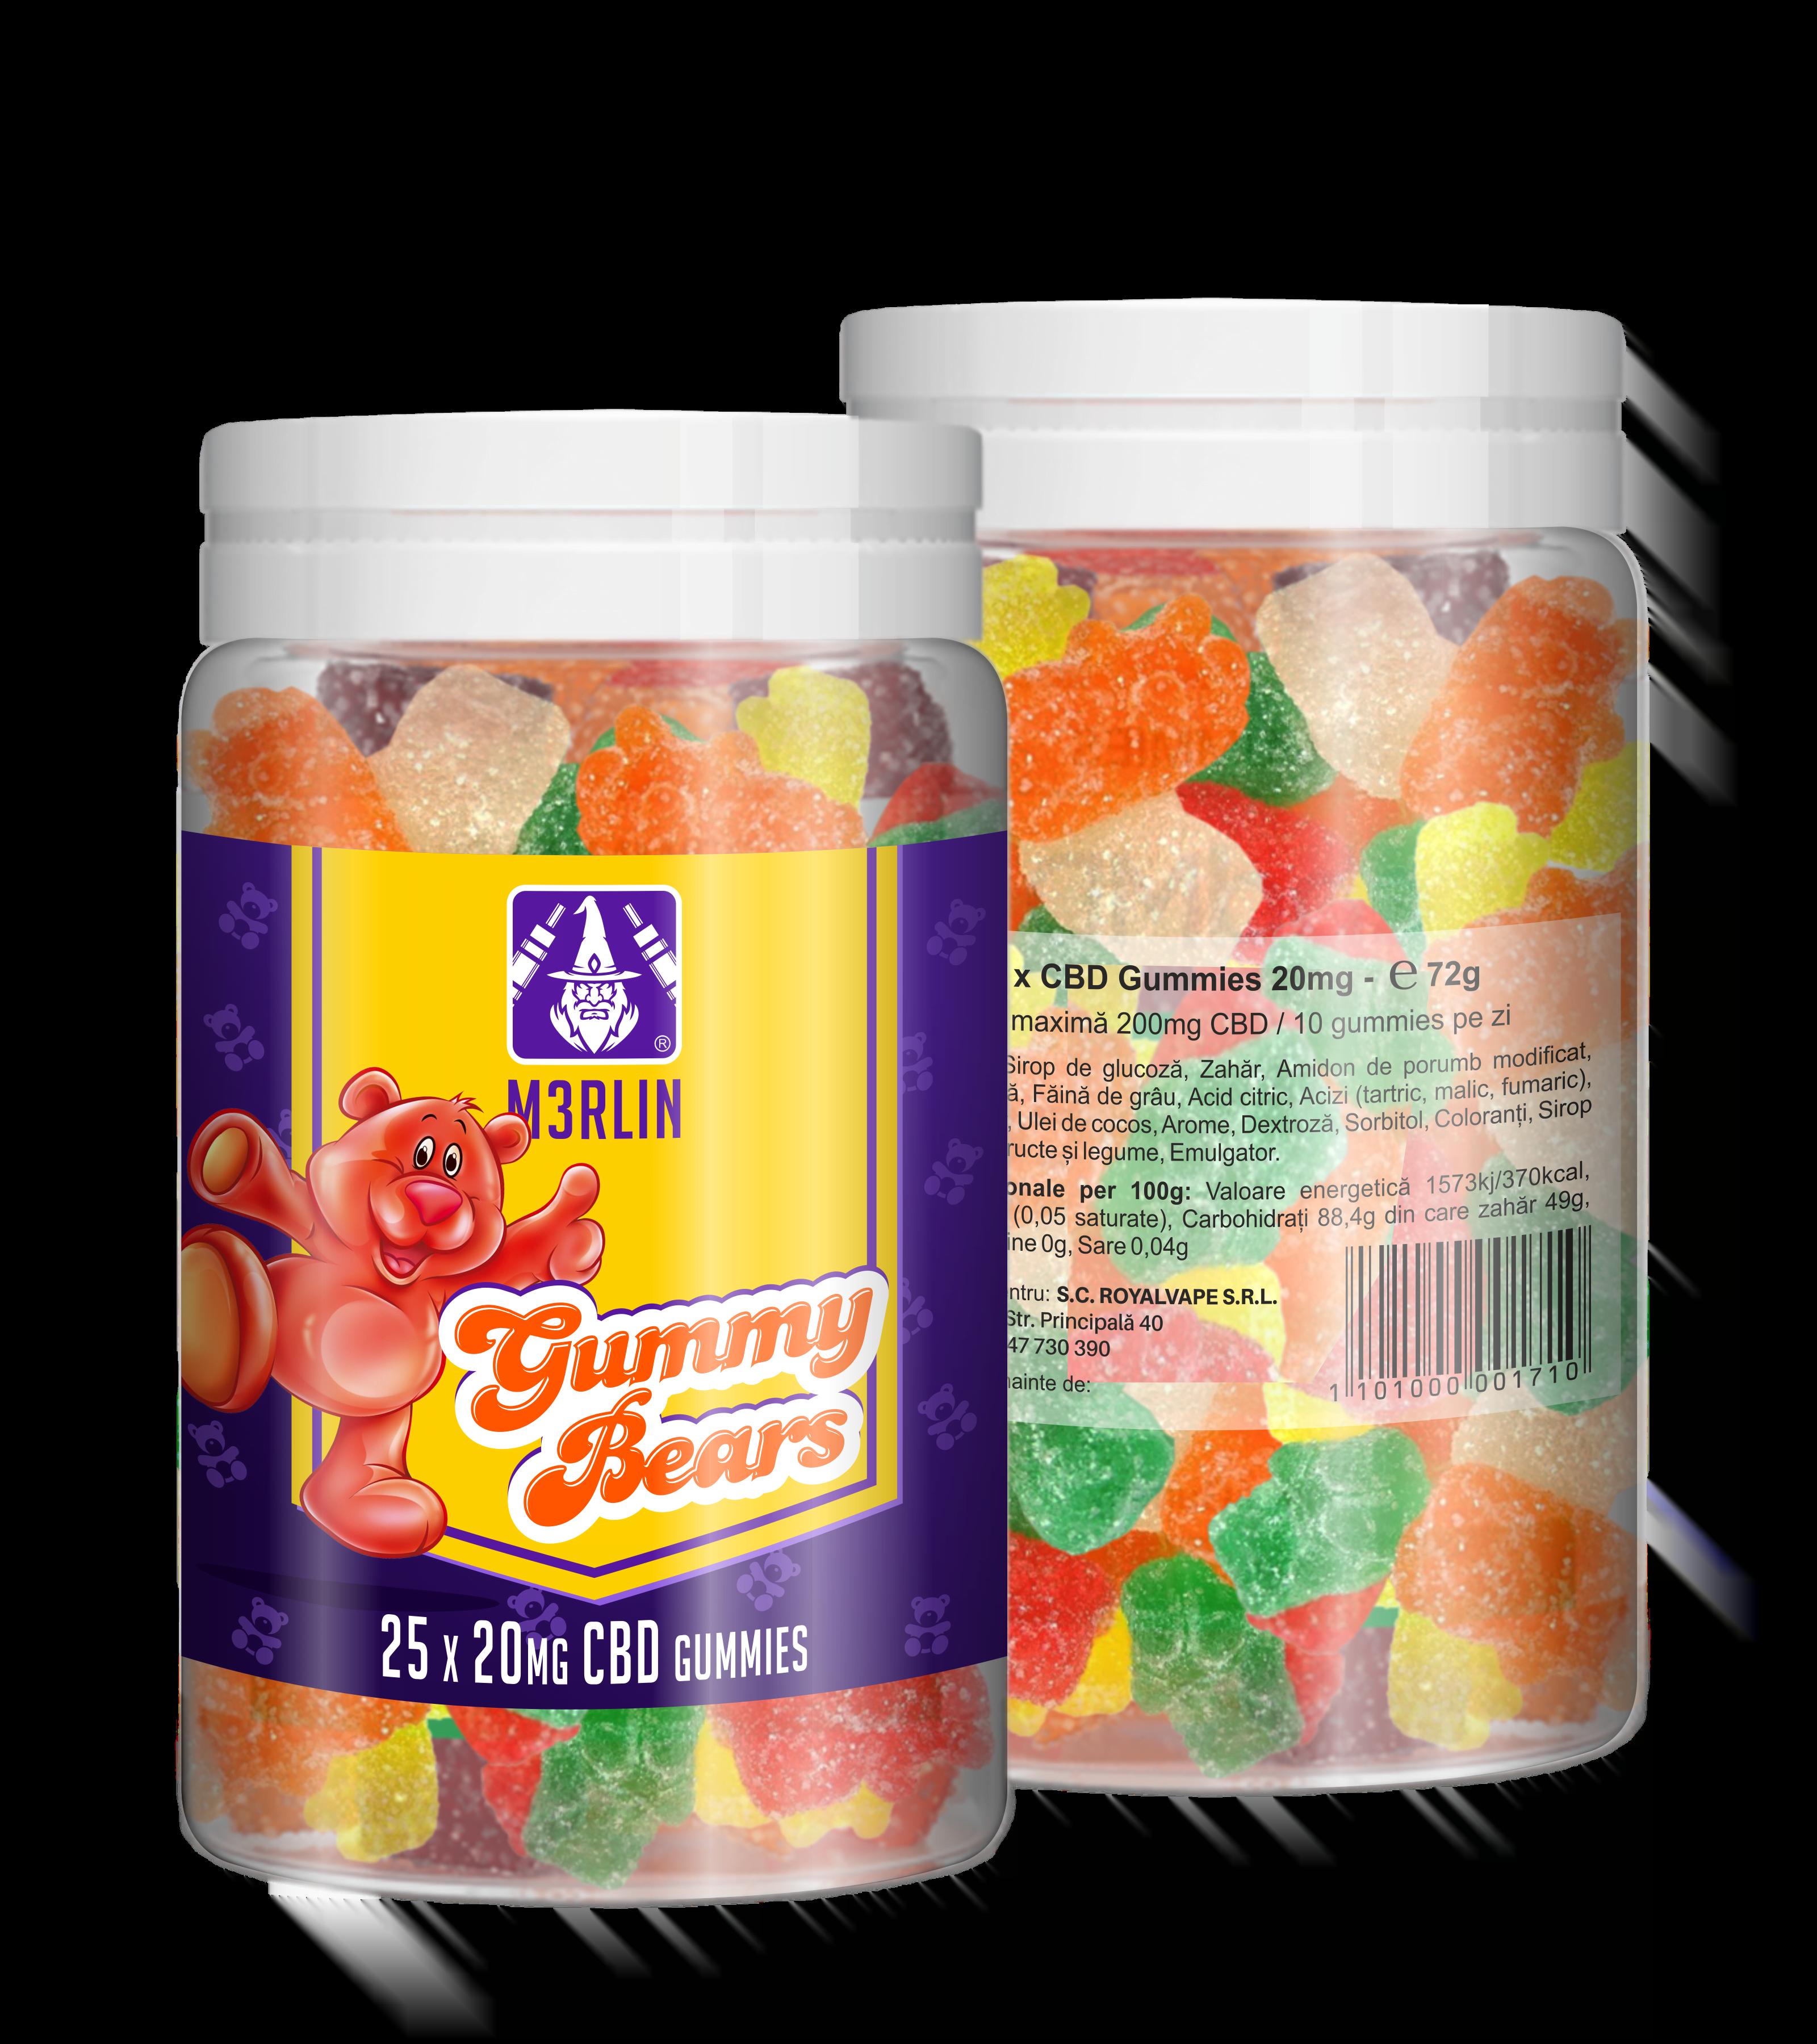 M3RLIN Gummy Bears CBD 20mg